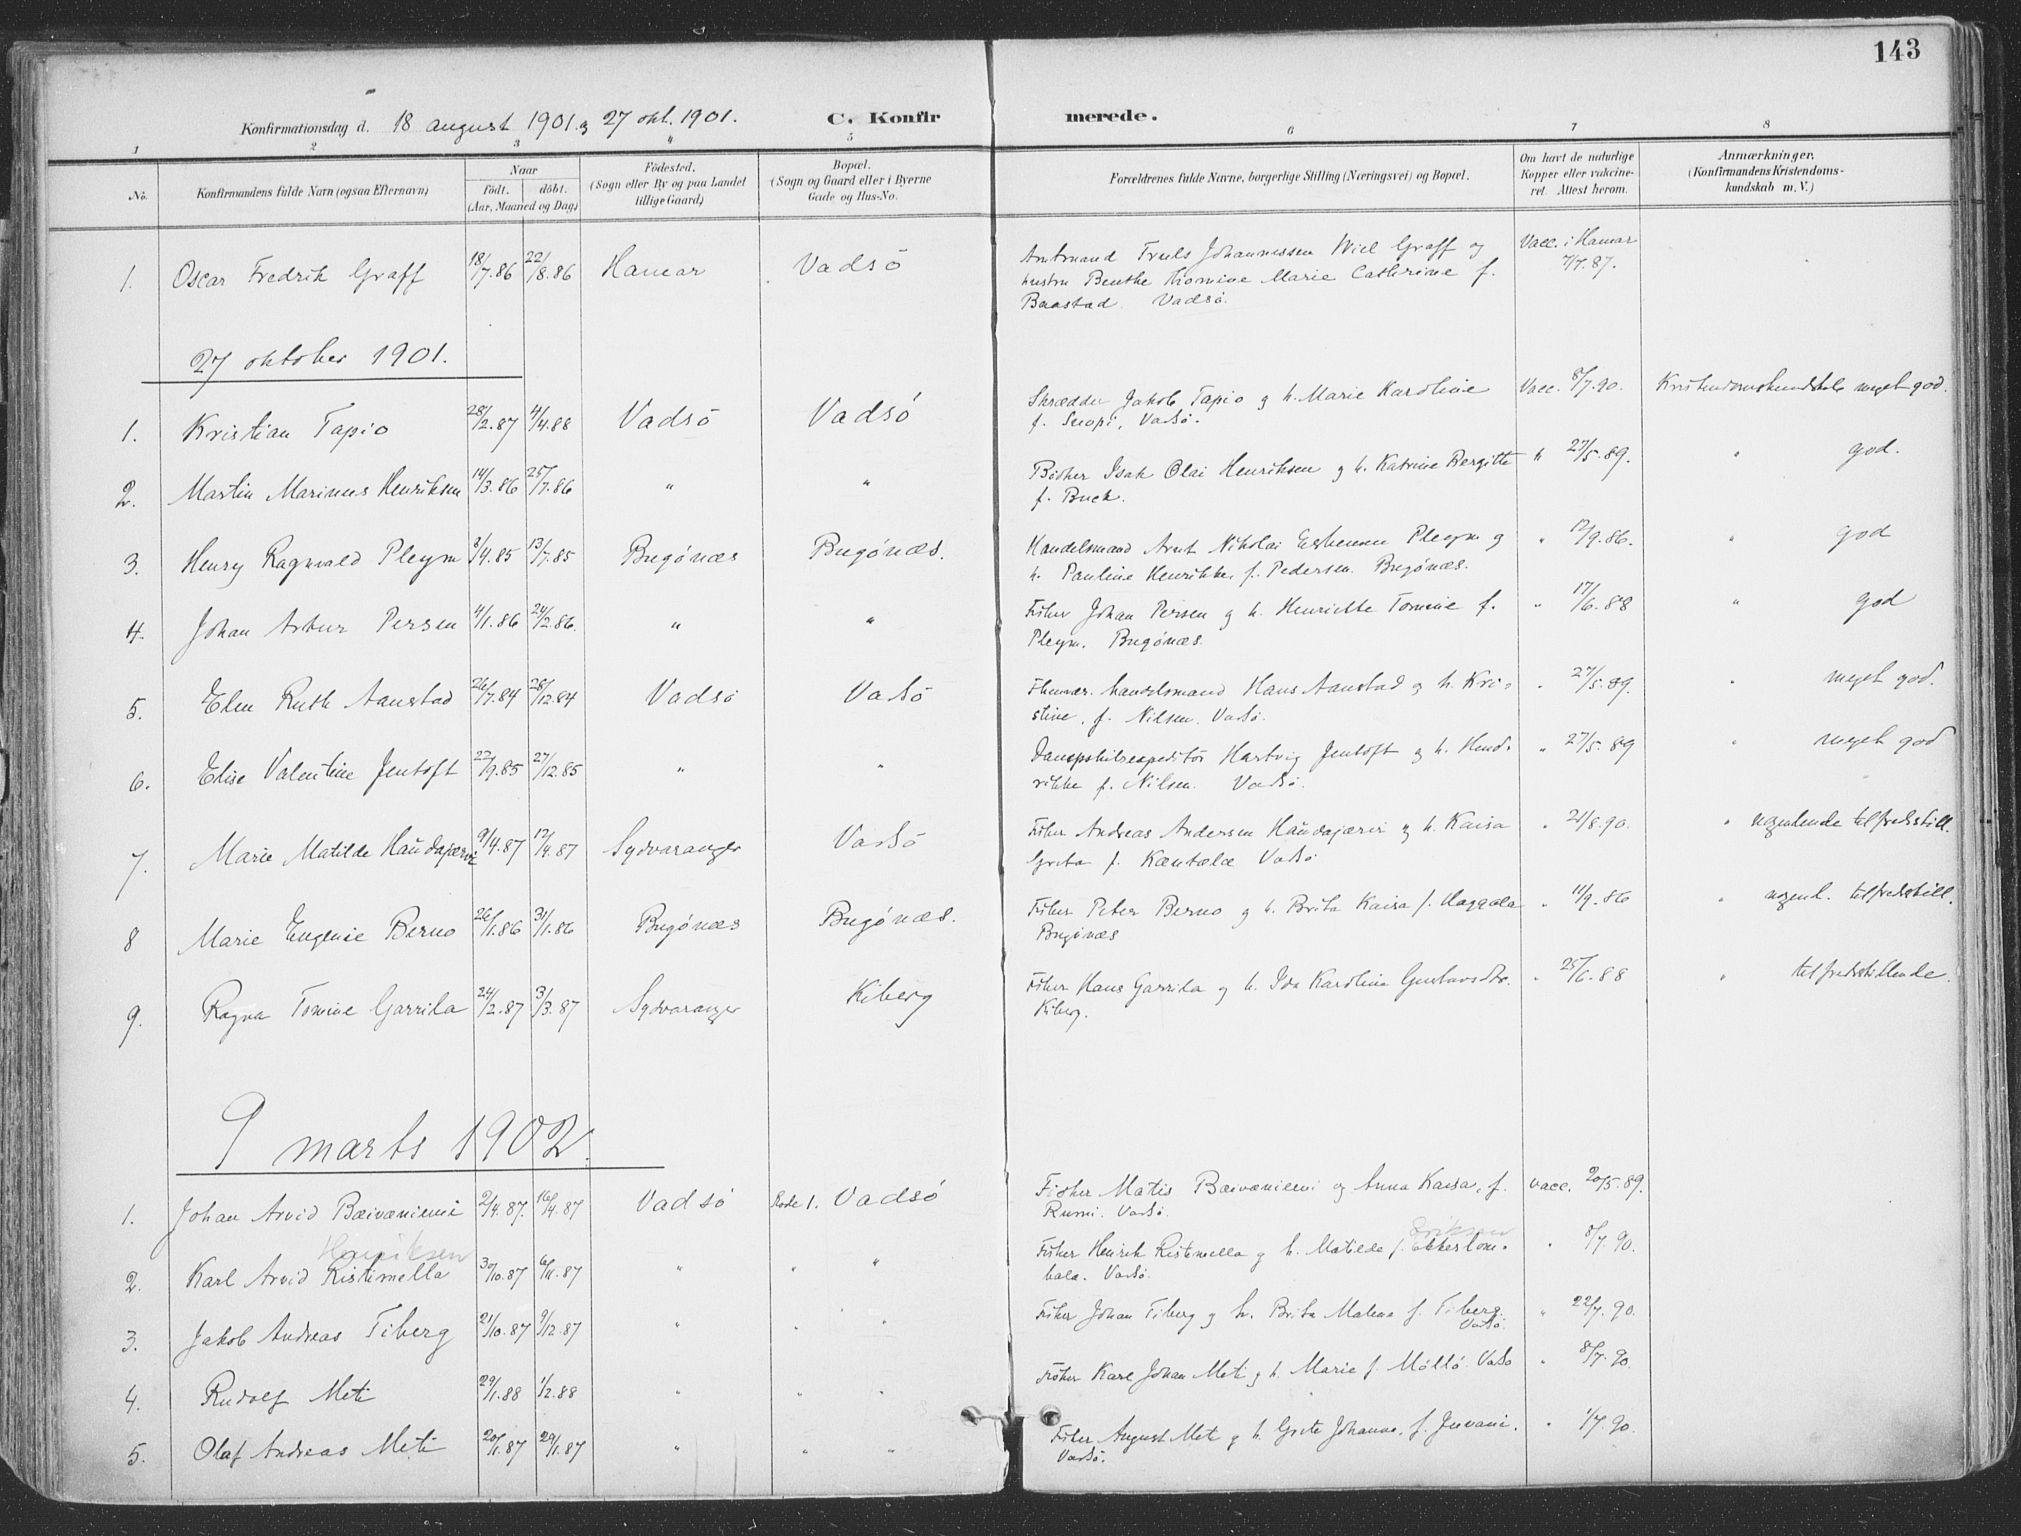 SATØ, Vadsø sokneprestkontor, H/Ha/L0007kirke: Ministerialbok nr. 7, 1896-1916, s. 143